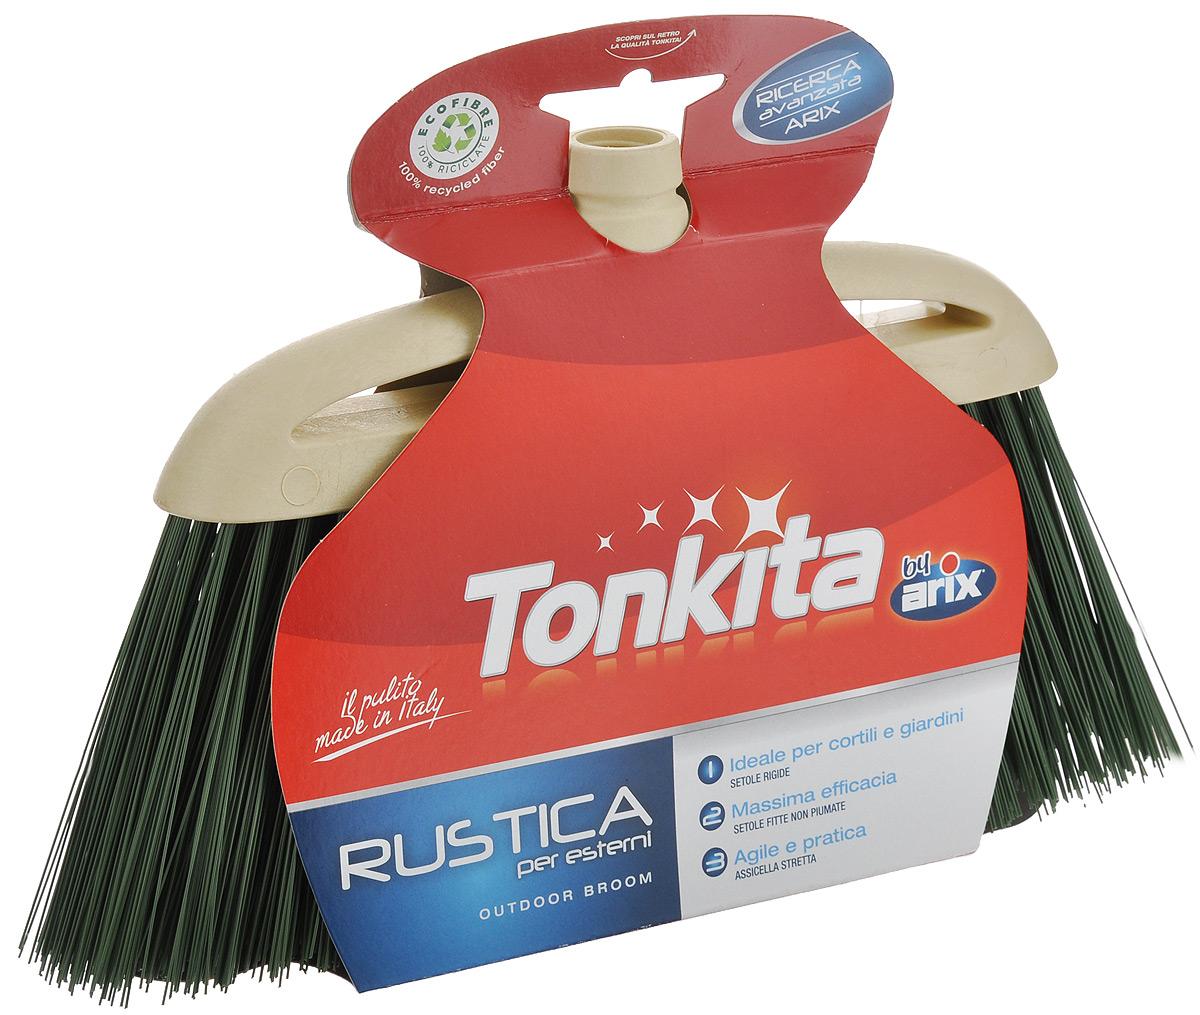 Щетка-насадка Tonkita Рустика для уборки мусора, цвет: бежевый, зеленыйTK630Щетка-насадка Tonkita Рустика, изготовленная из прочного полипропилена, предназначена для уборки в доме и на улице. Упругие и длинные волоски щетки- насадки не оставят от грязи и следа. Оригинальная, современная щетка для швабры, которую можно подобрать к любому интерьеру, сделает уборку эффективнее и приятнее. Универсальная резьба подходит ко всем видам ручек. Размер щетки-насадки: 33 см х 9 см. Длина ворса: 12 см.